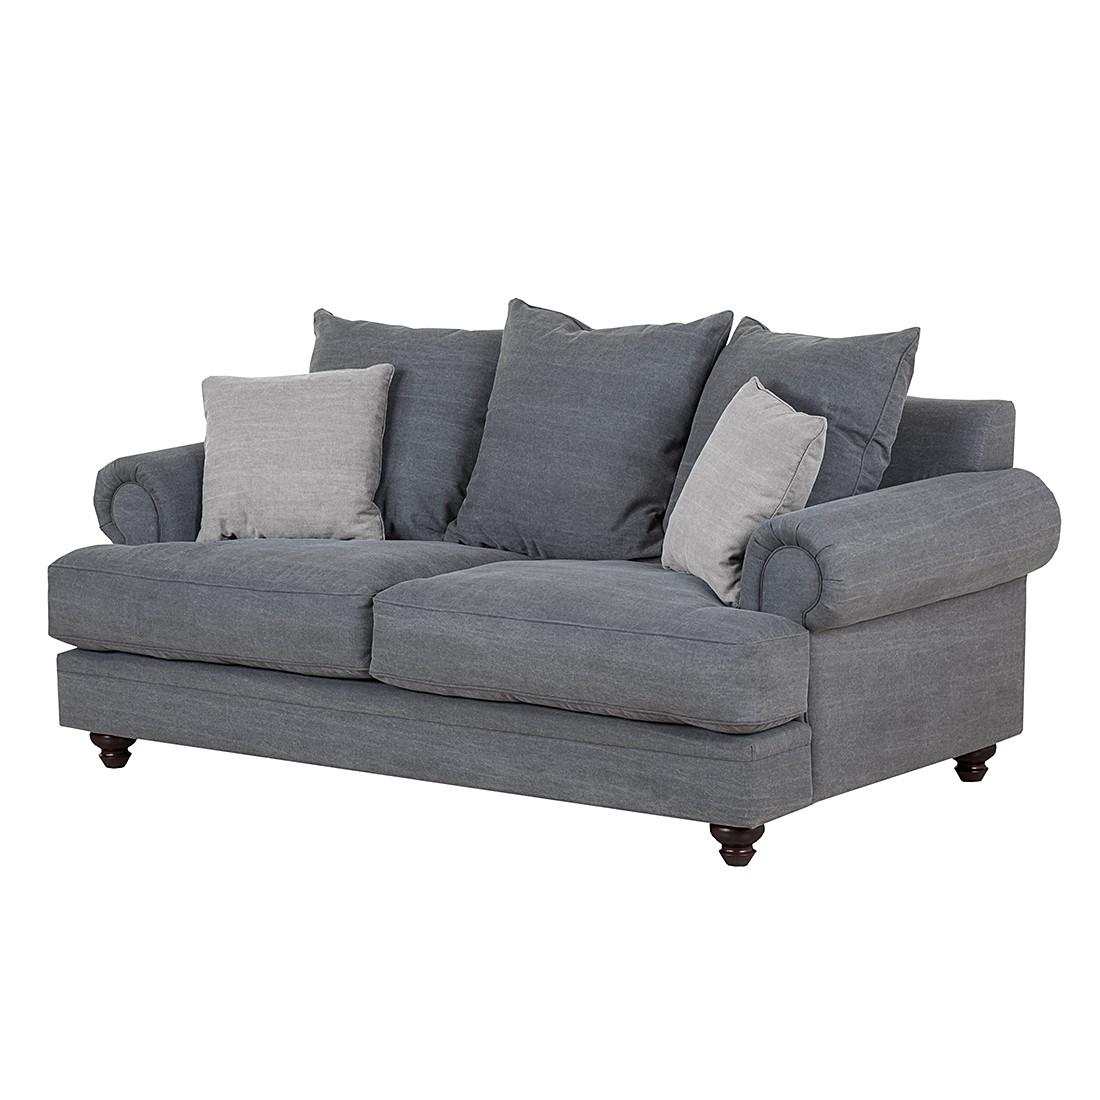 Sofa Davido (2-Sitzer) – Baumwollstoff – Anthrazit, Maison Belfort günstig